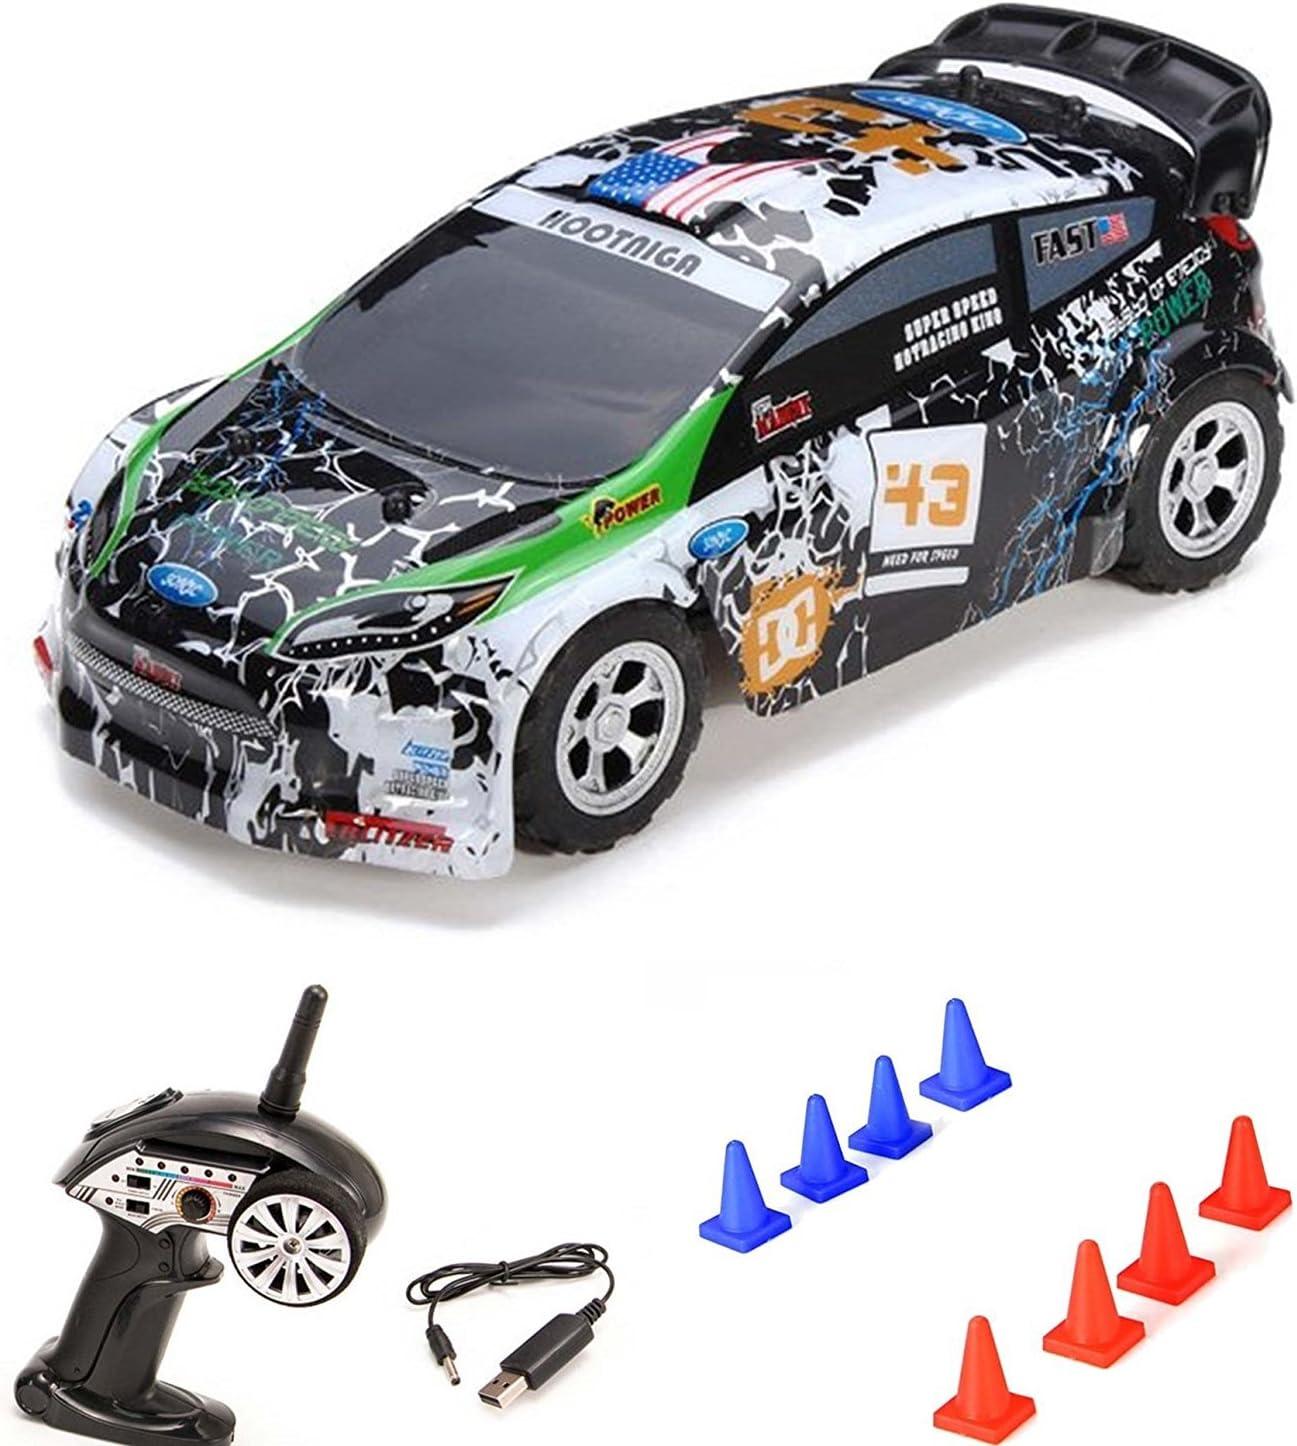 HSP Himoto 1/24On-Road Mini RC teledirigido Auto Rally Car, 2WD de tracción y 2.4GHz Top de velocidad de hasta 25Km/h, Set completo RTR